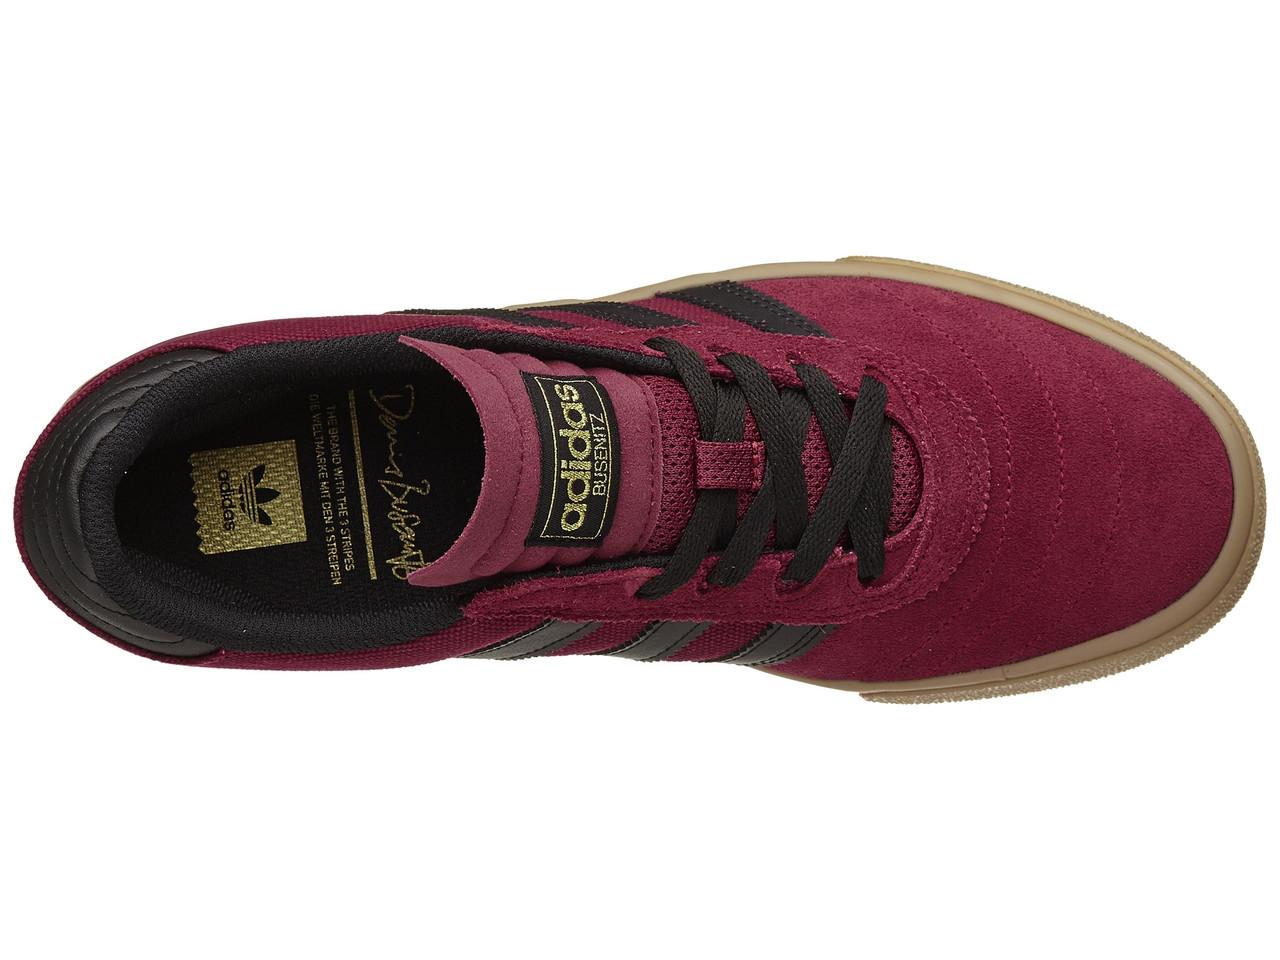 f8f4e8b35f1 Adidas Busenitz Vulc Pro Skate Shoes Burgundy Black Gum ...